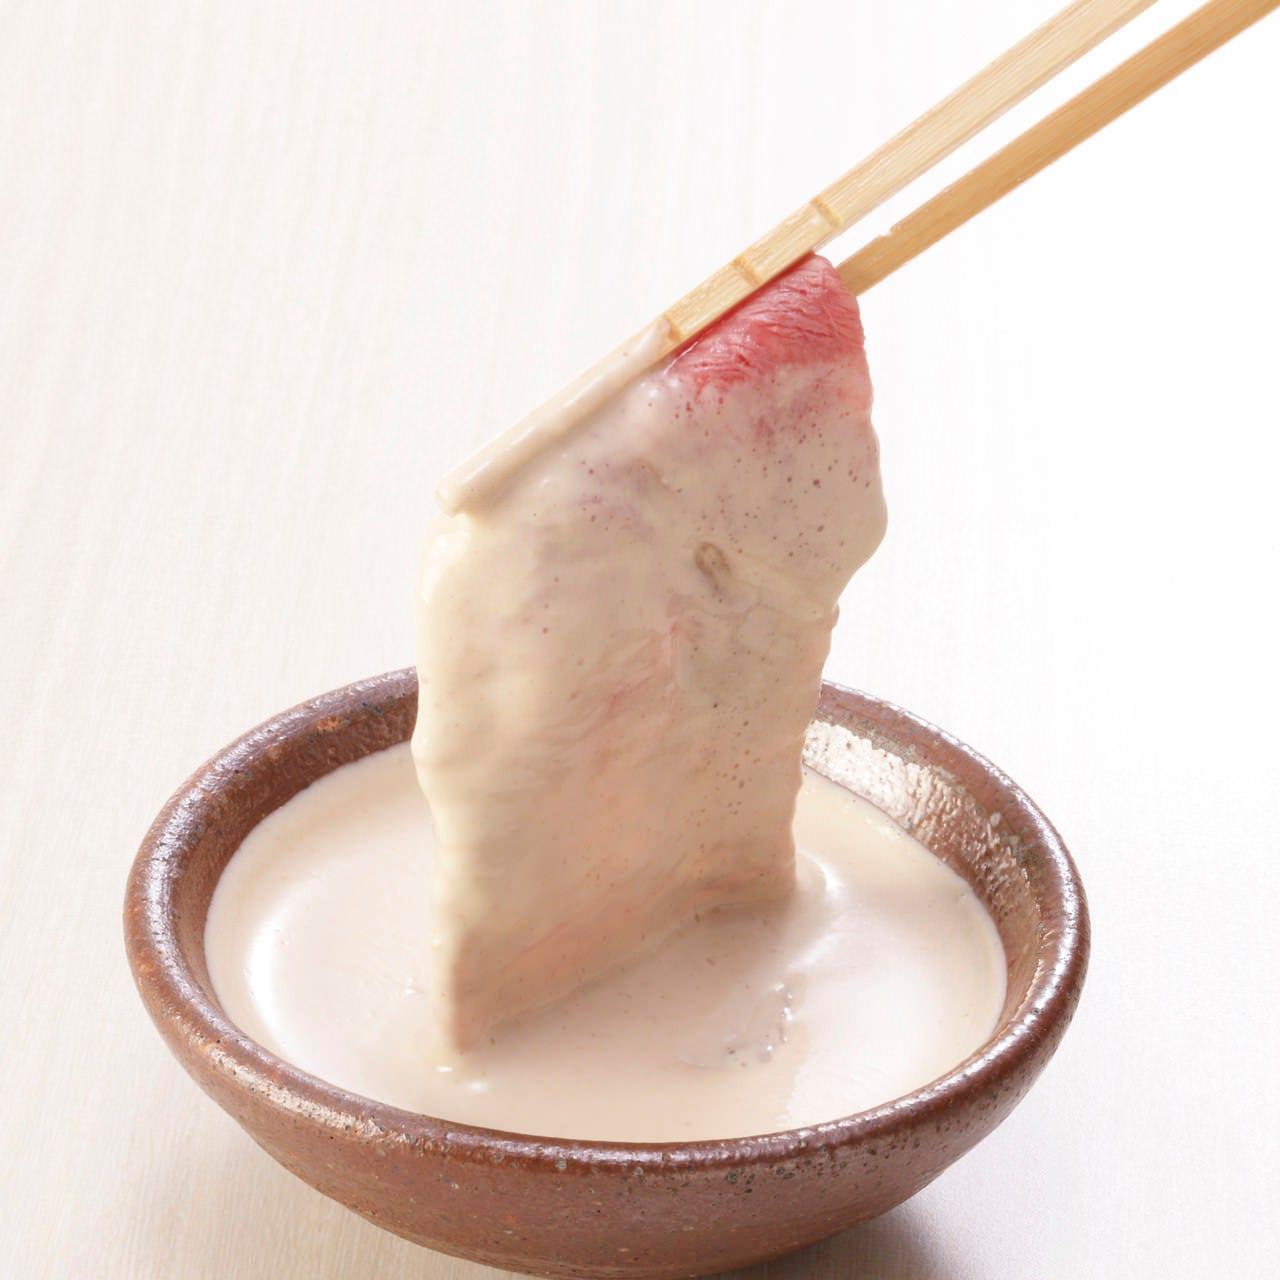 木曽路秘伝の「ごまだれ」!